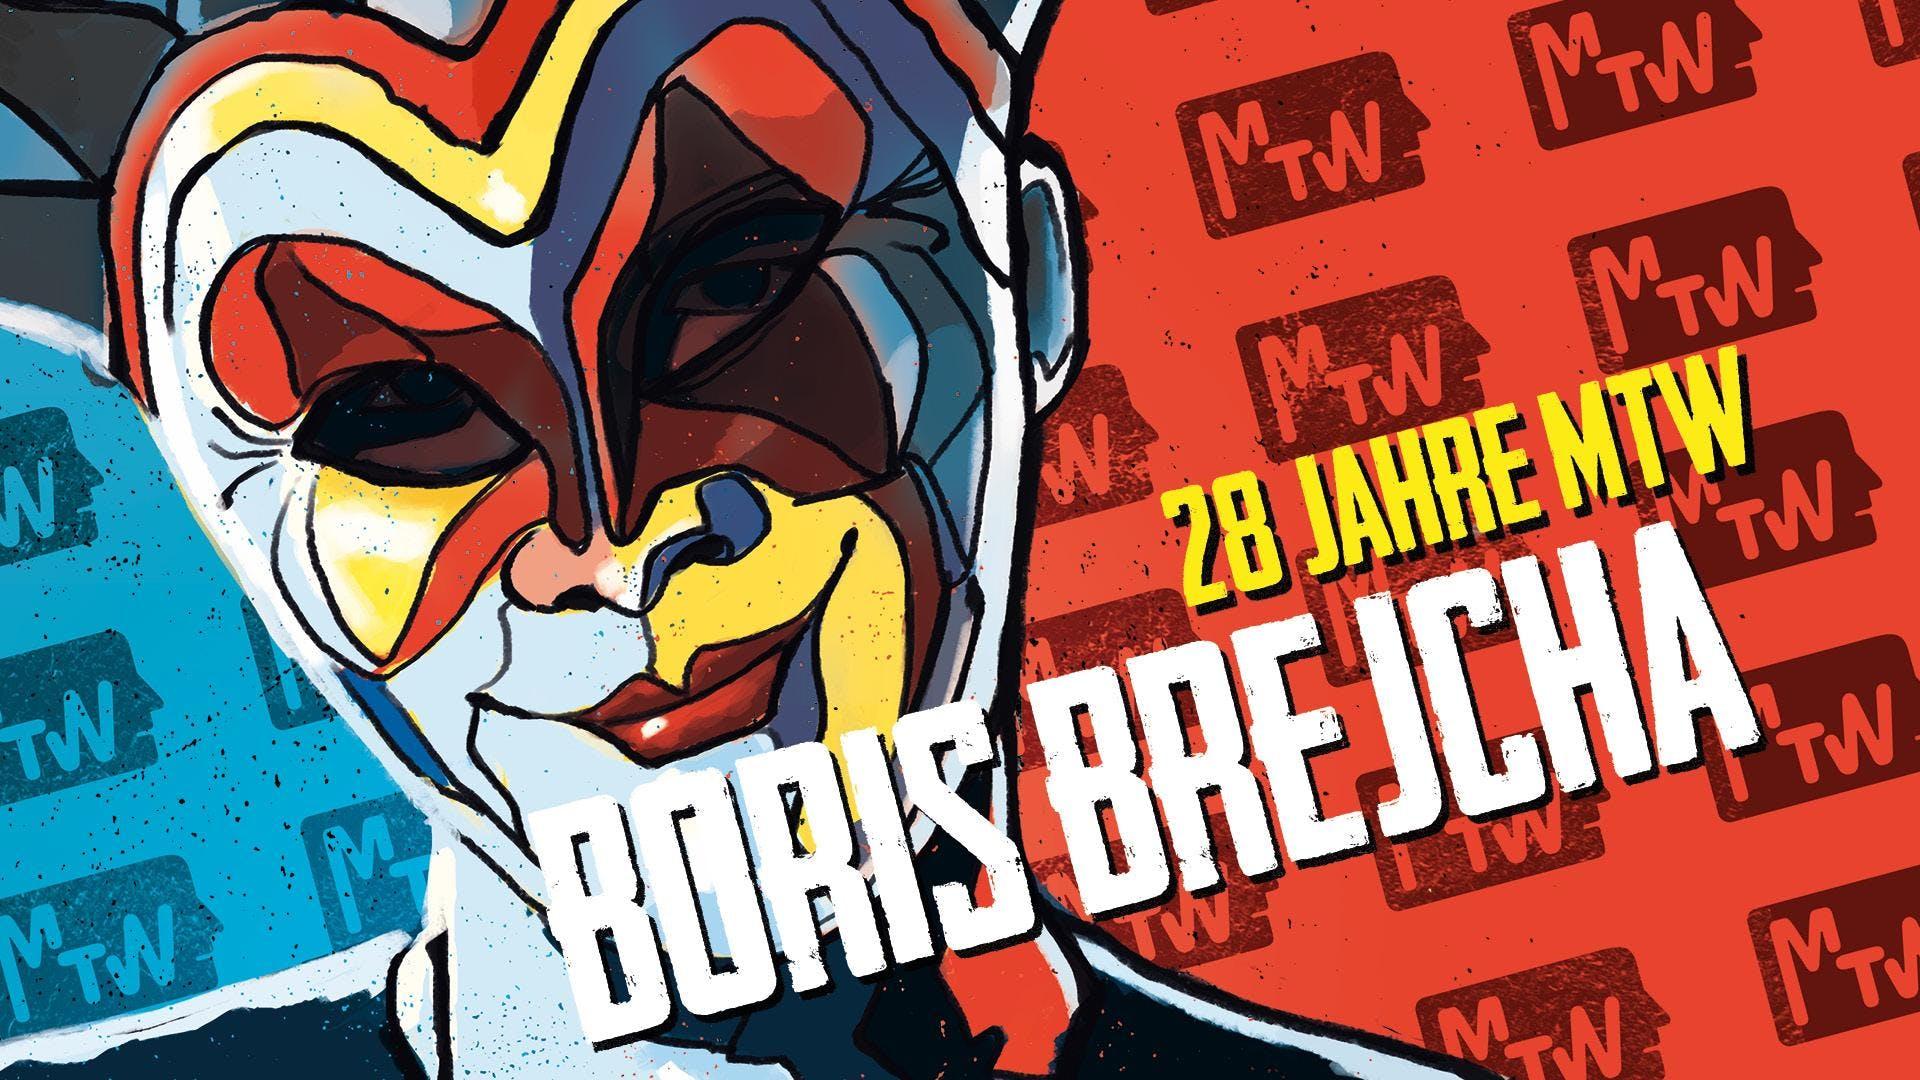 28 Jahre MTW mit Boris Brejcha